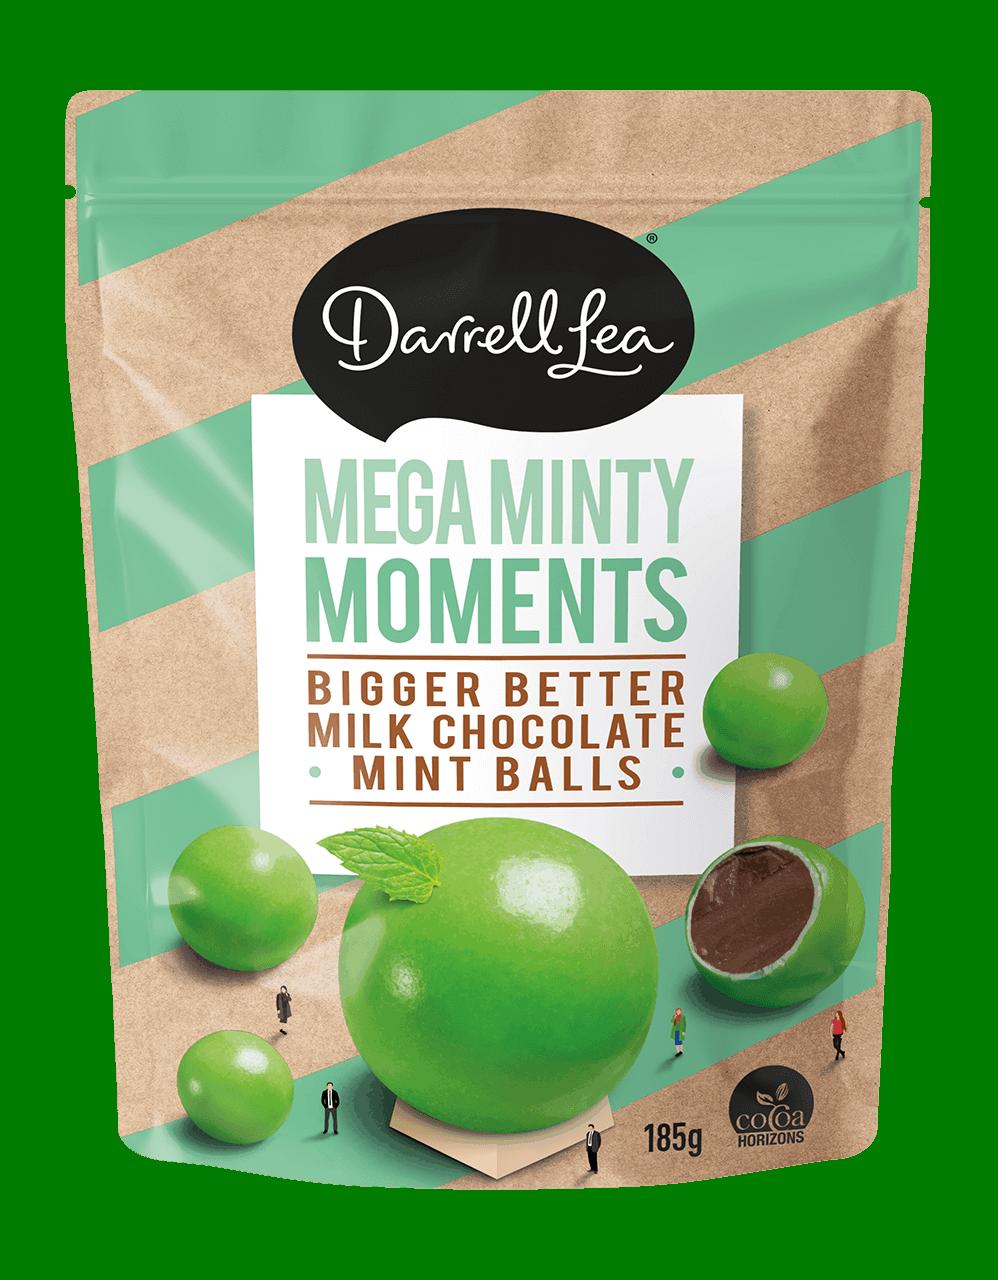 Image of Mega Minty Moments CHOCOLATE BITES 185g